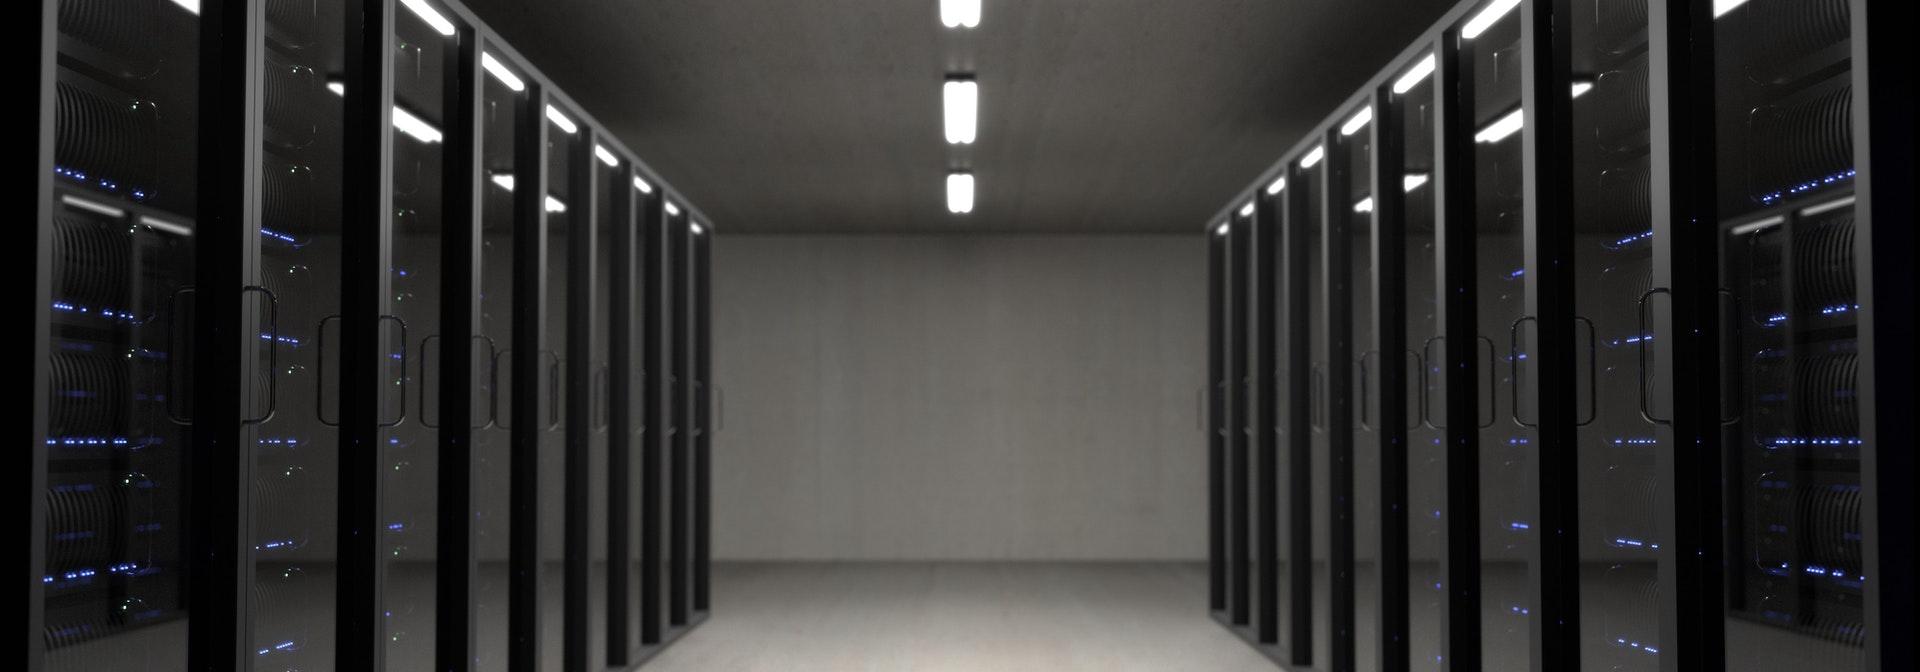 Softline: sala server